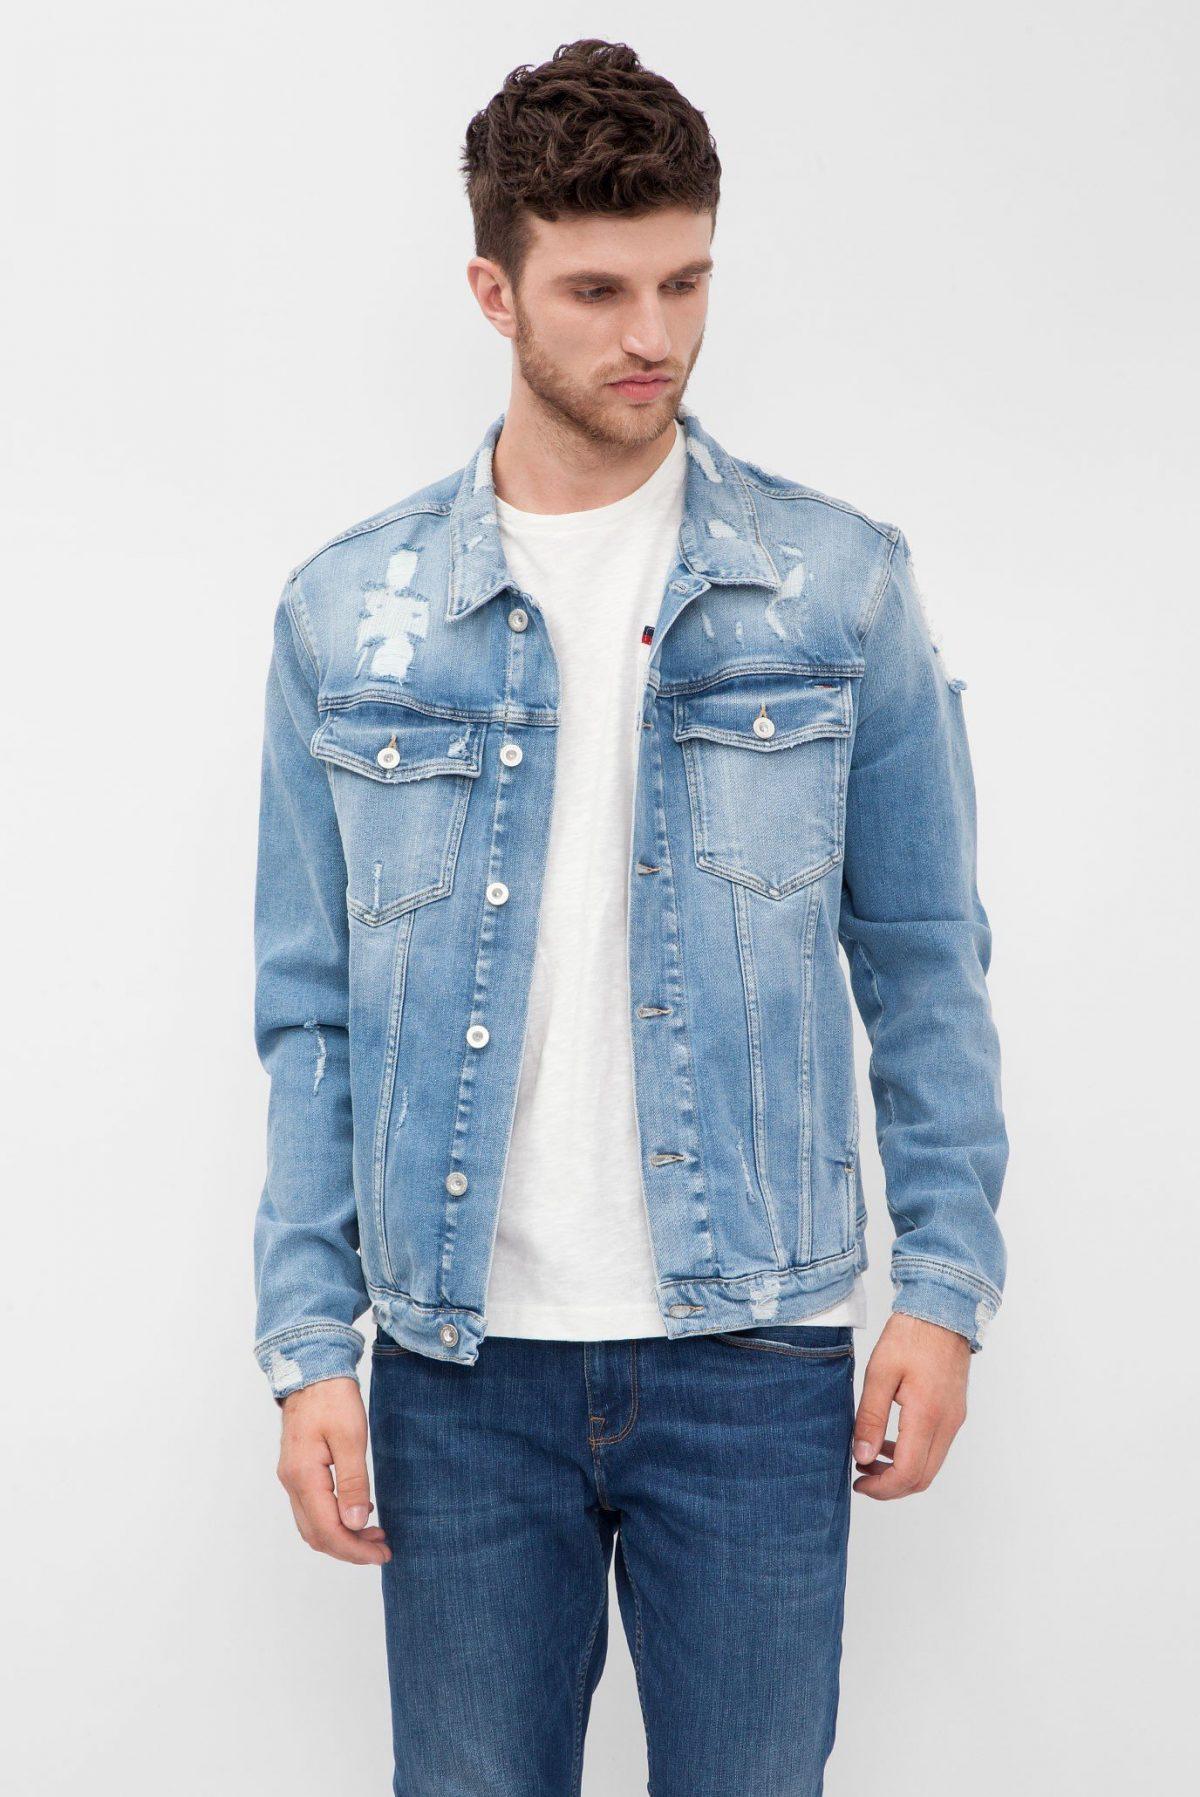 джинсовая куртка светлая